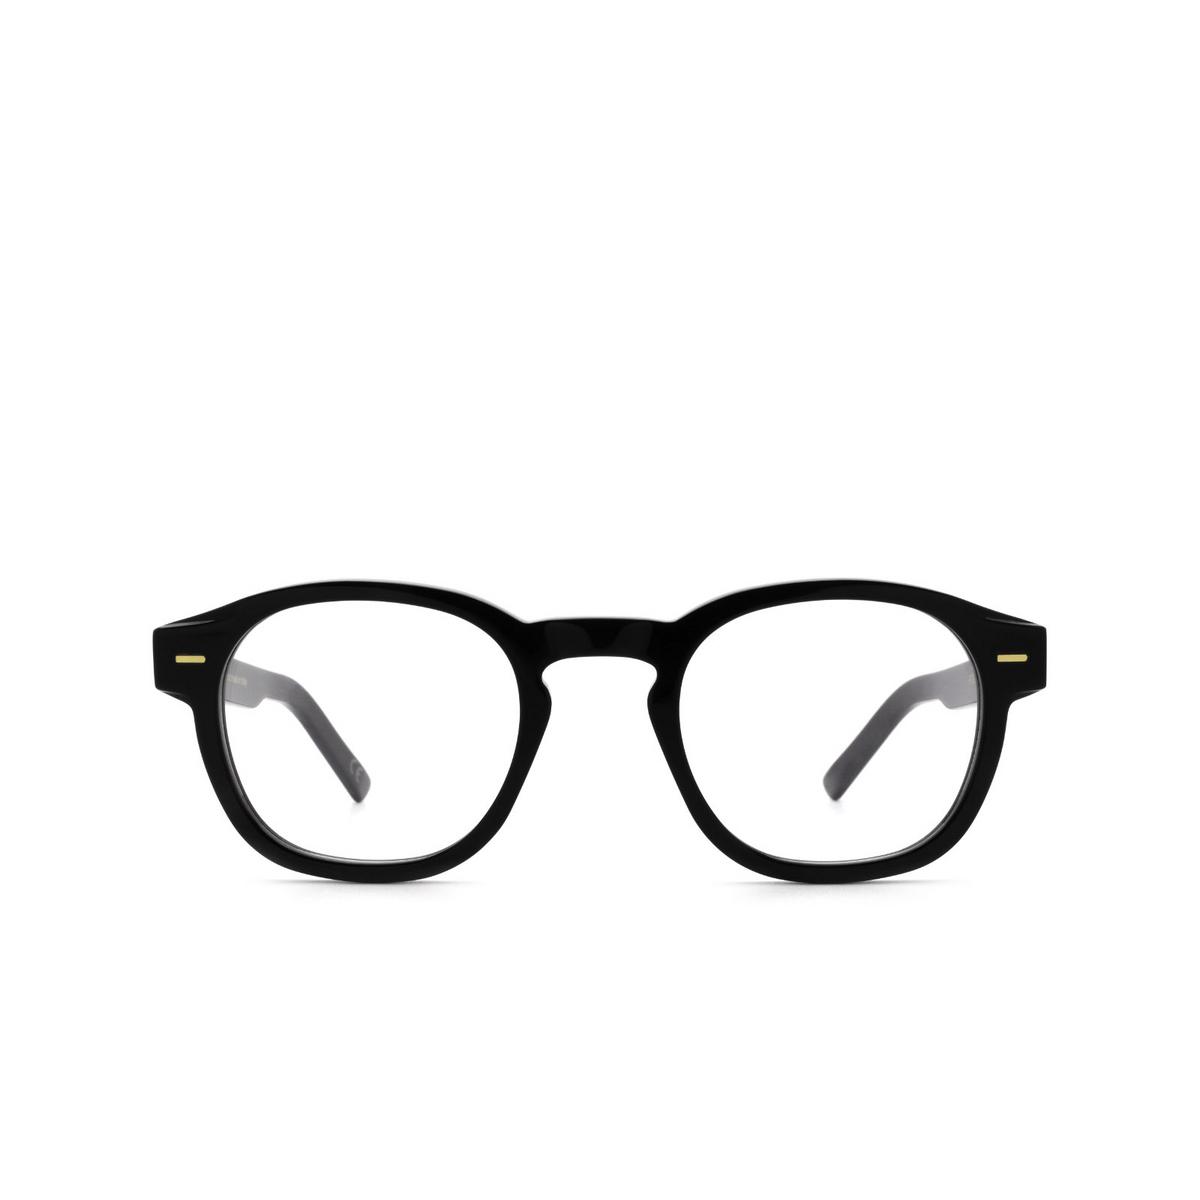 Retrosuperfuture® Square Eyeglasses: NUMERO 80 color Nero Rod - front view.